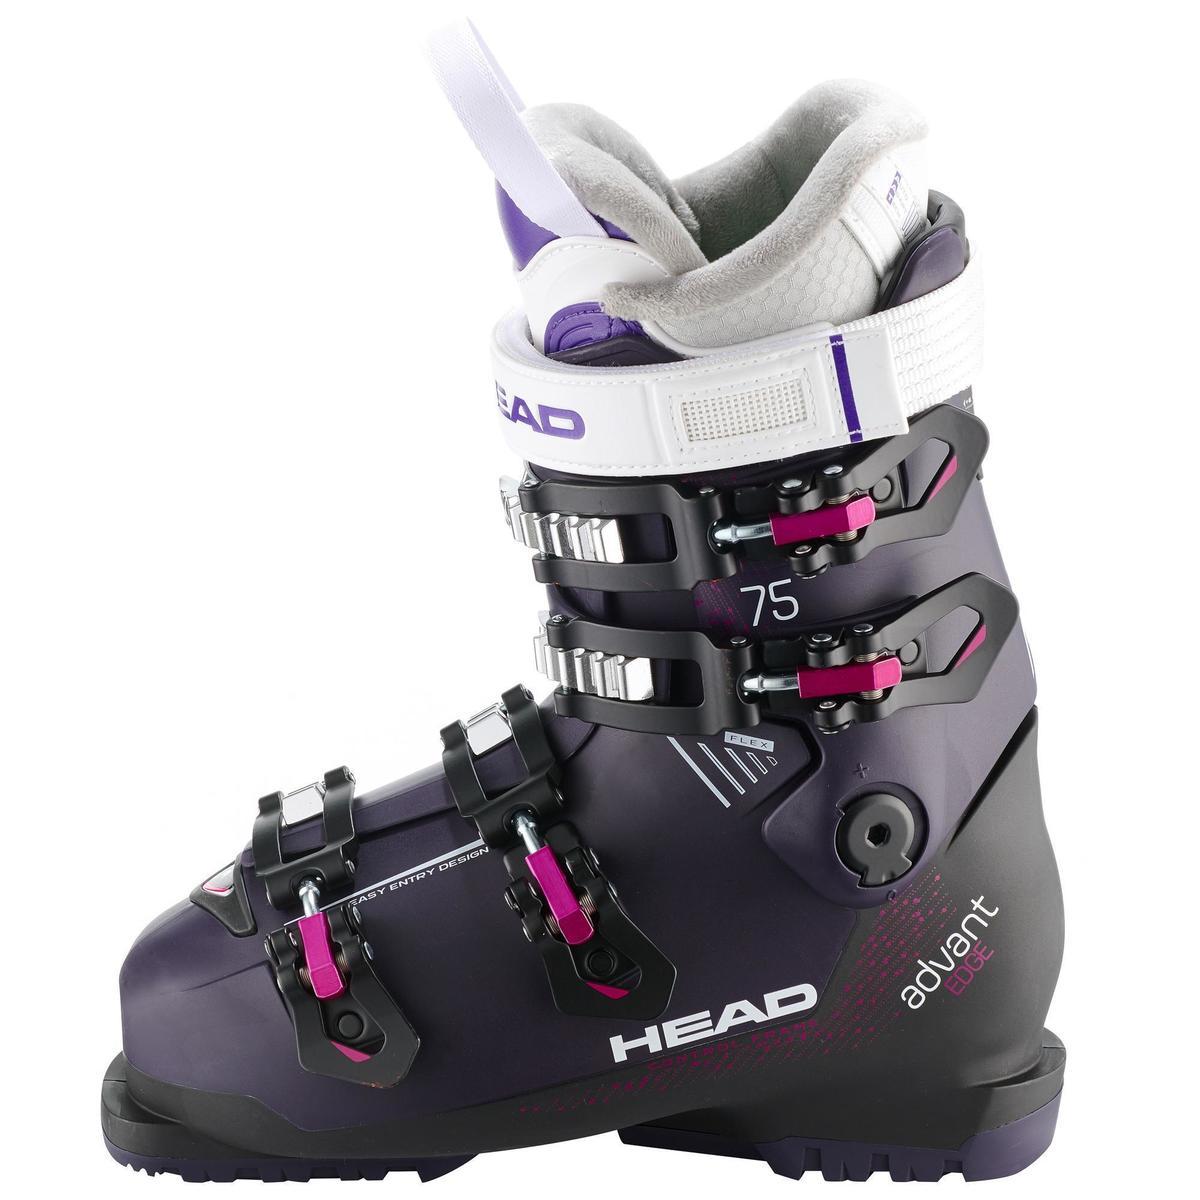 Bild 2 von Skischuhe Advant Edge 75 Damen violett